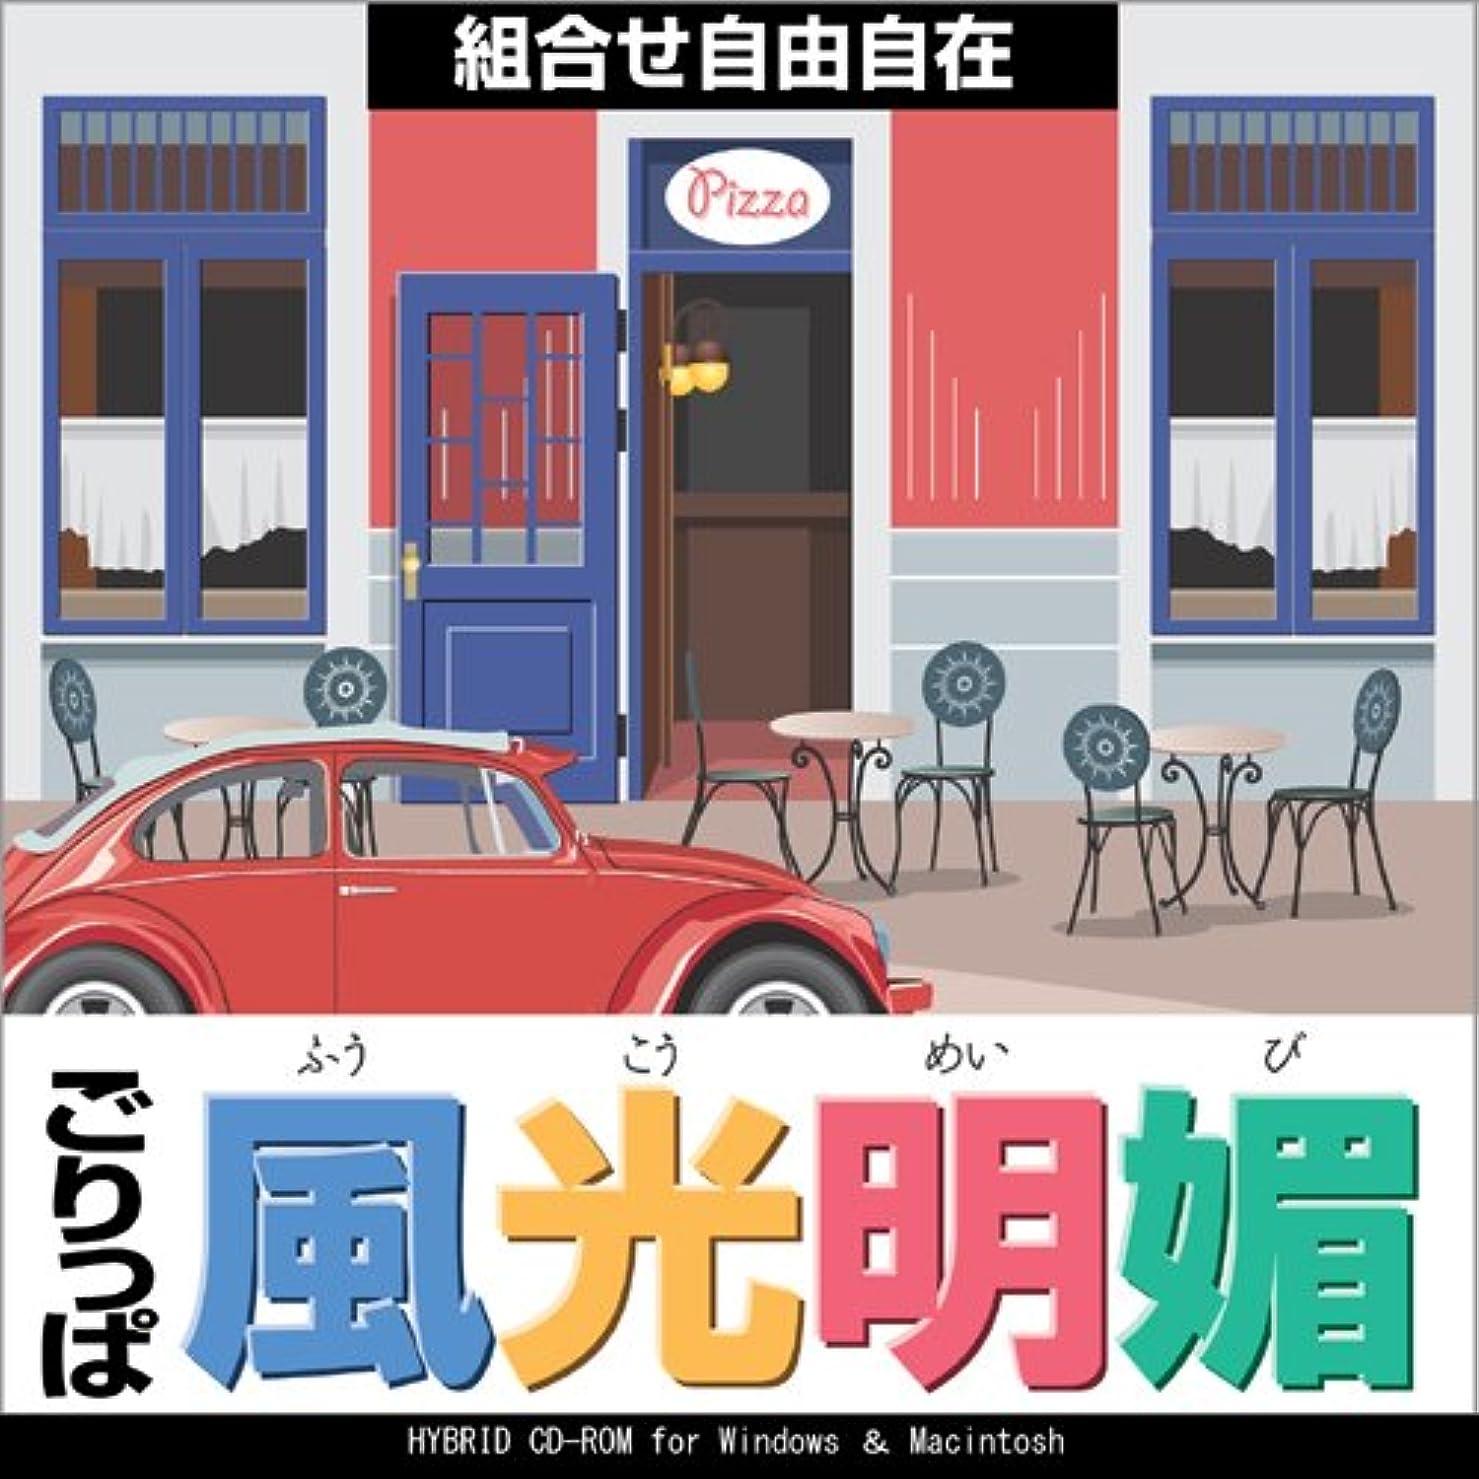 ごりっぱシリーズ Vol.17「風光明媚」